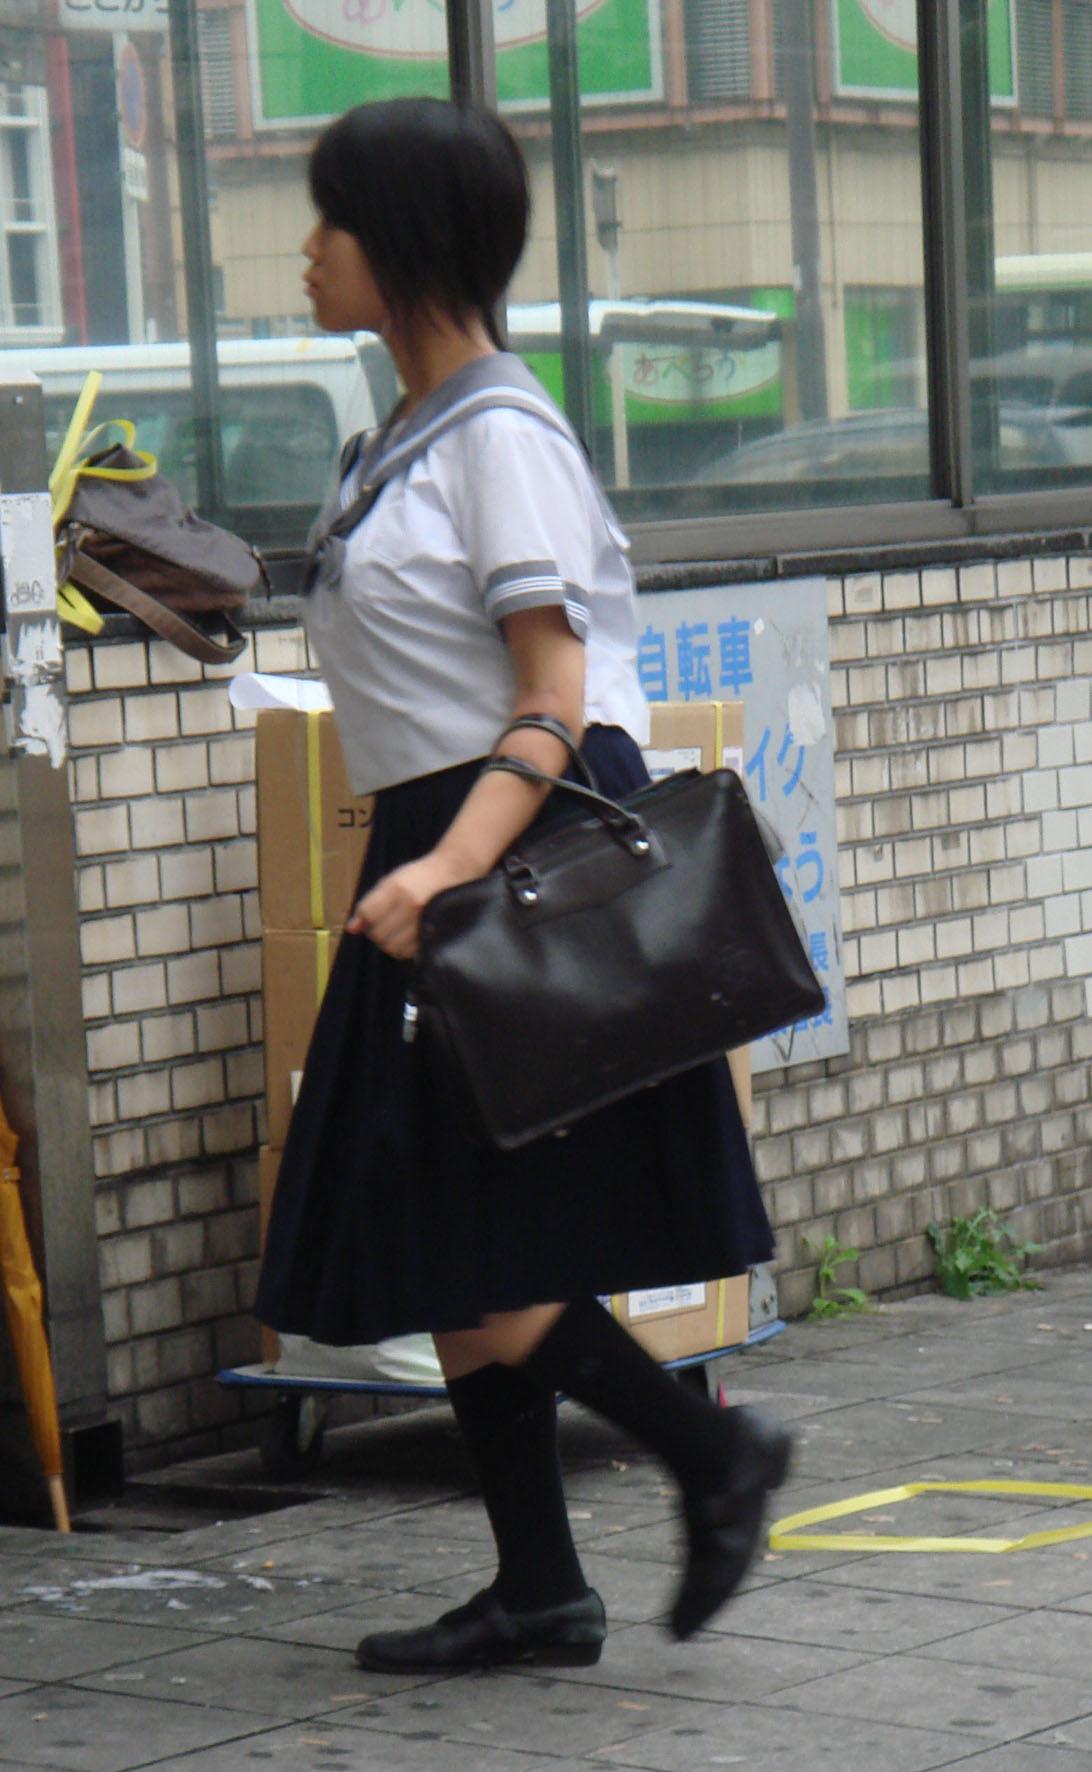 【JK着衣おっぱいエロ画像】これが成長期の膨らみ…制服の上から揉みたくなる女子高生の着衣おっぱい画像 その8